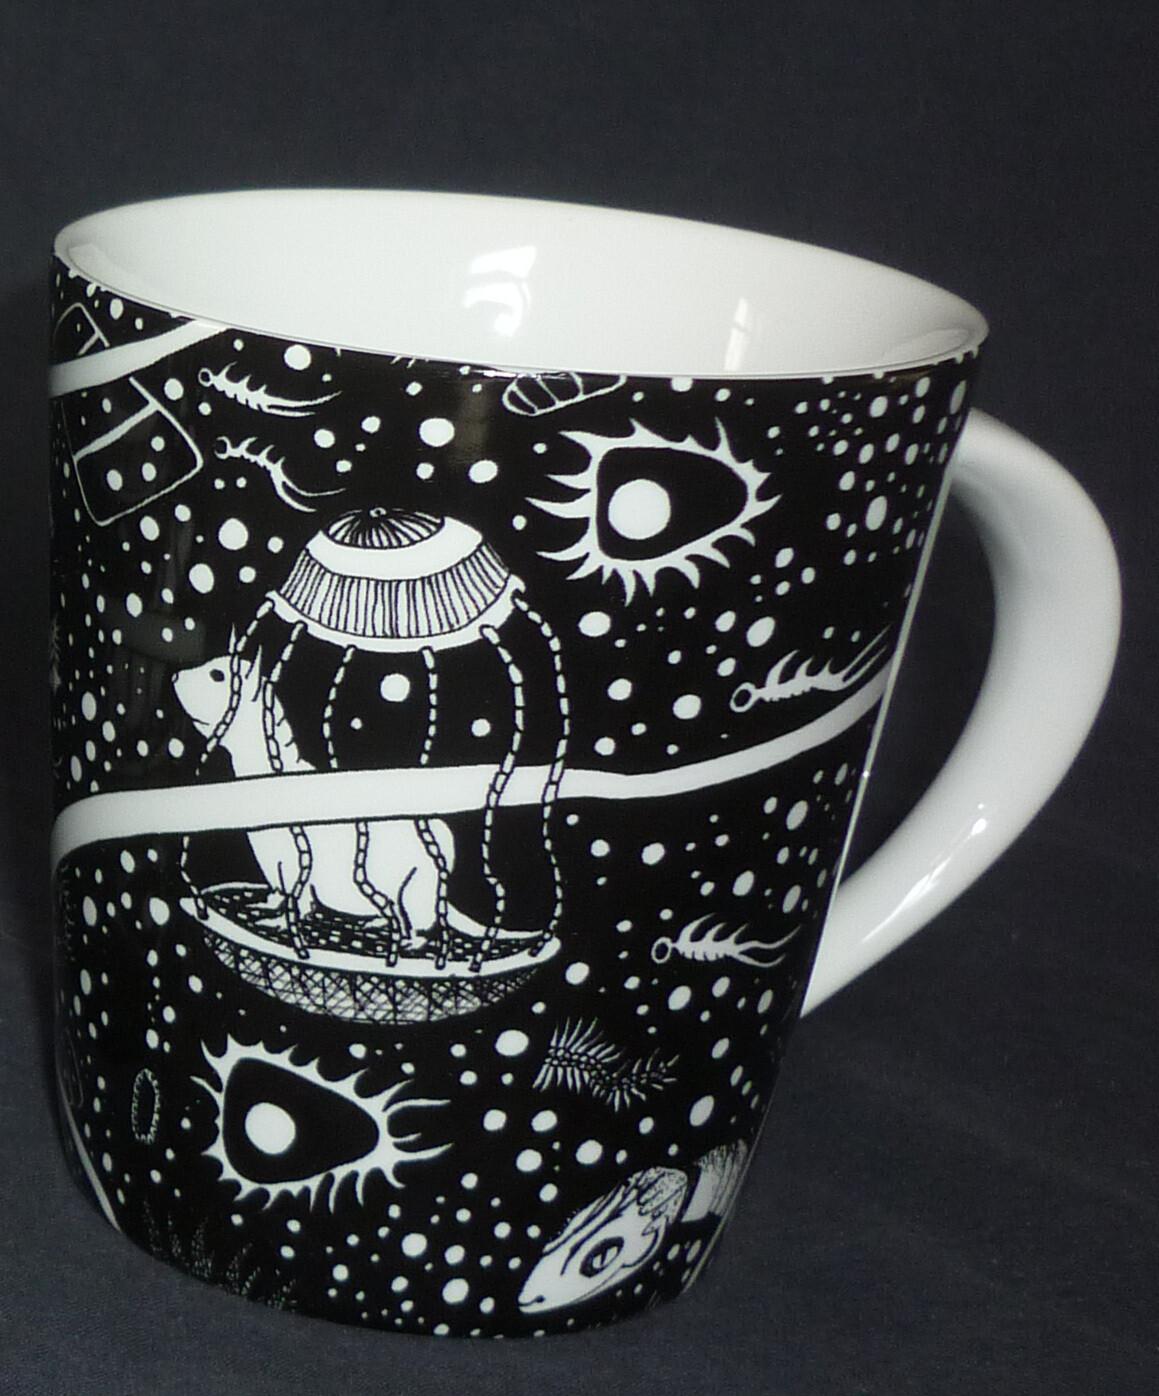 """Tasse """"Spaceglider"""" von Justus Pault"""